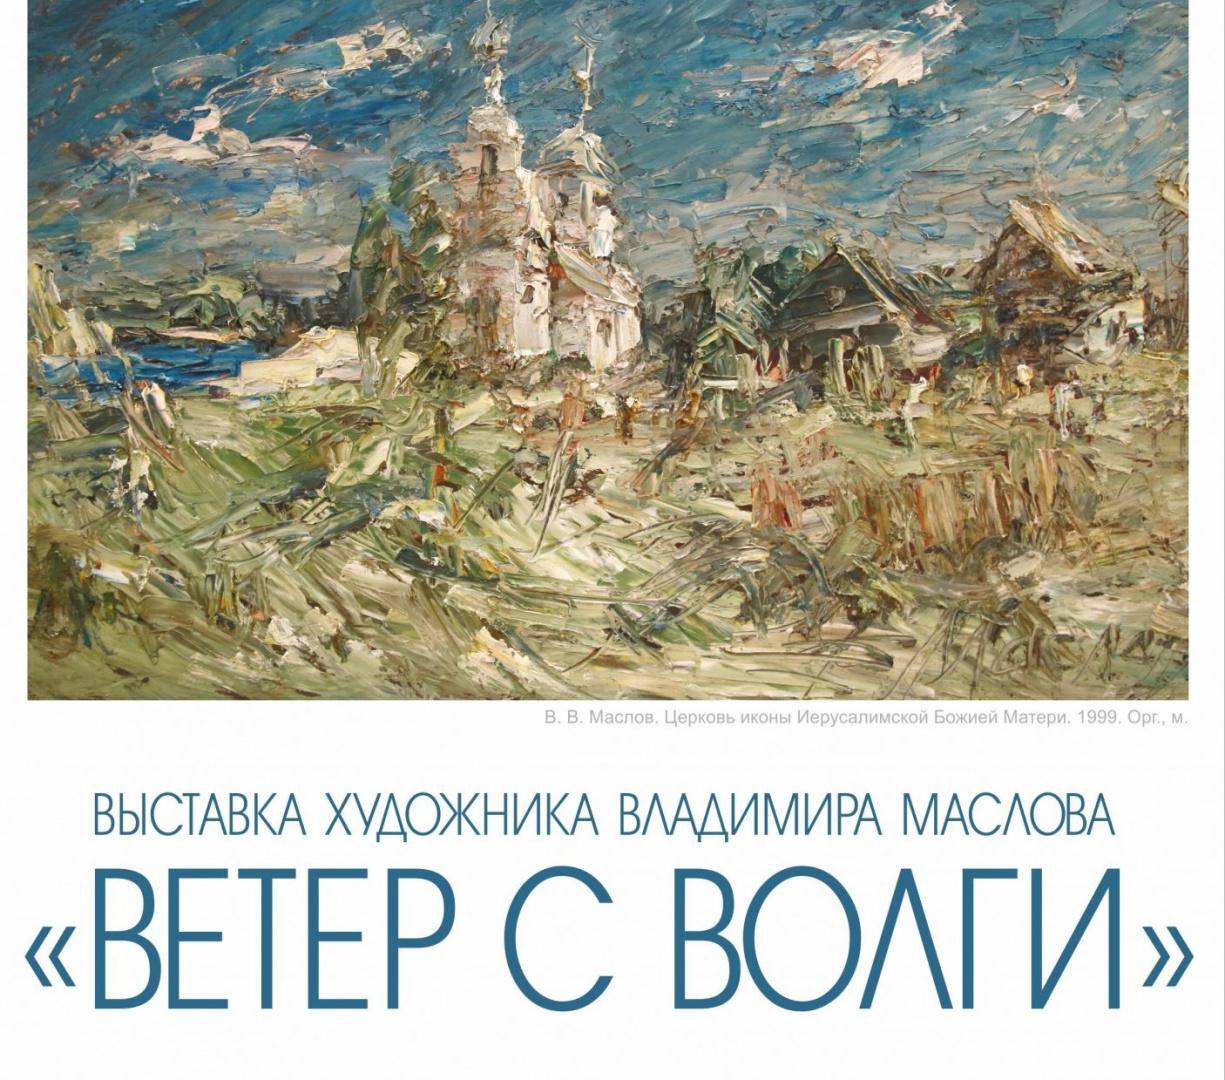 В Твери работает выставка картин Владимира Маслова